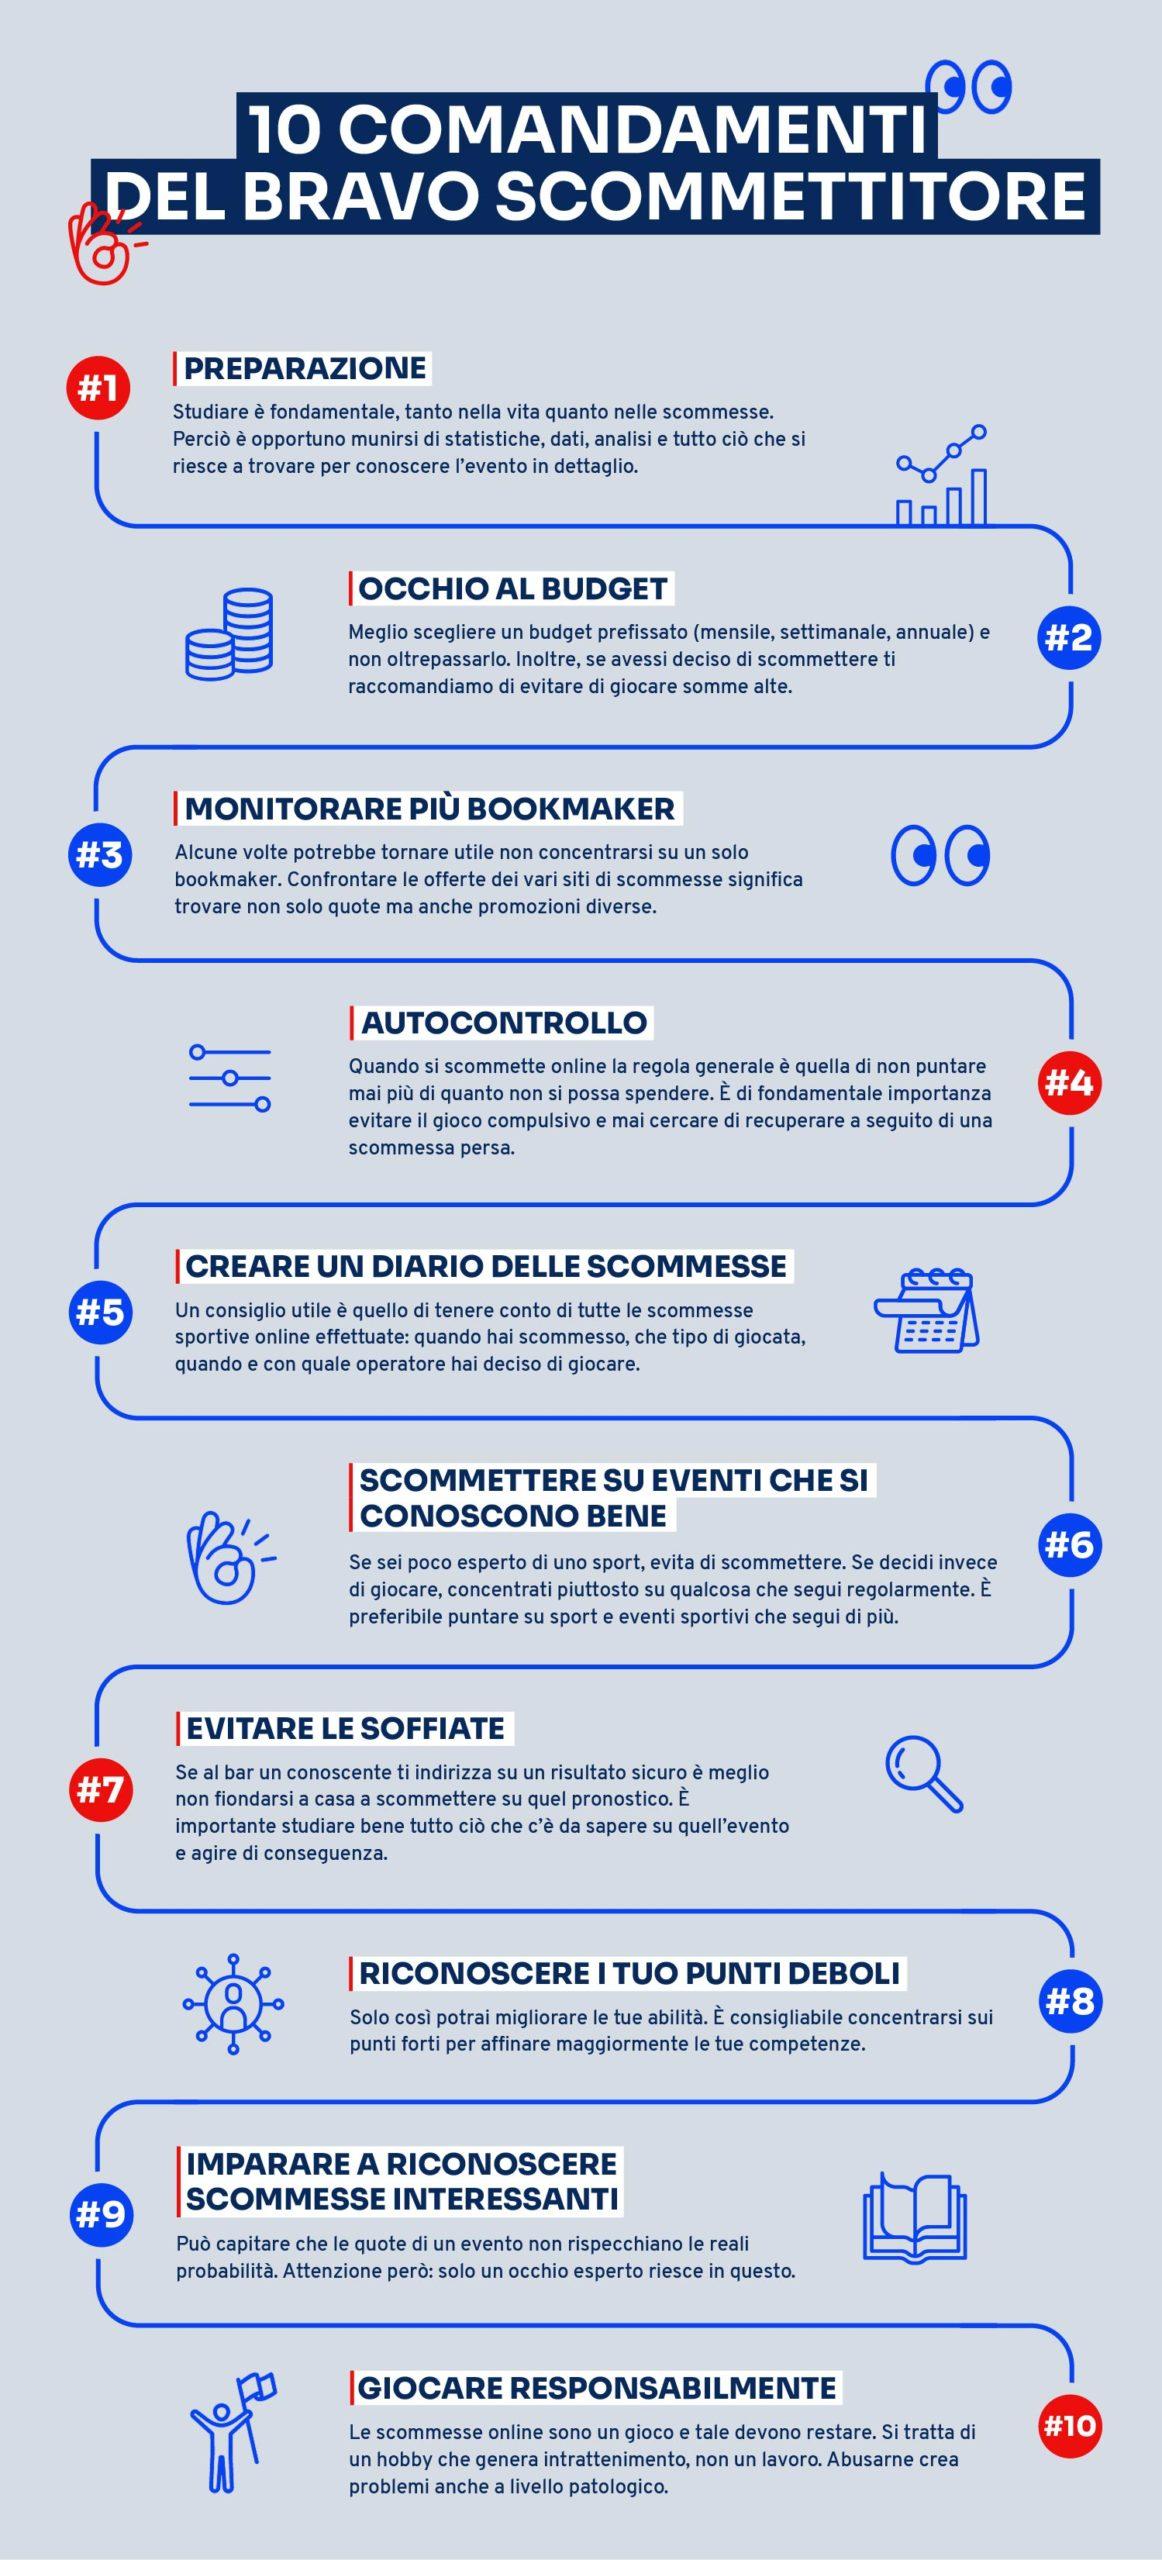 infografica 10 comandamenti scommettitore